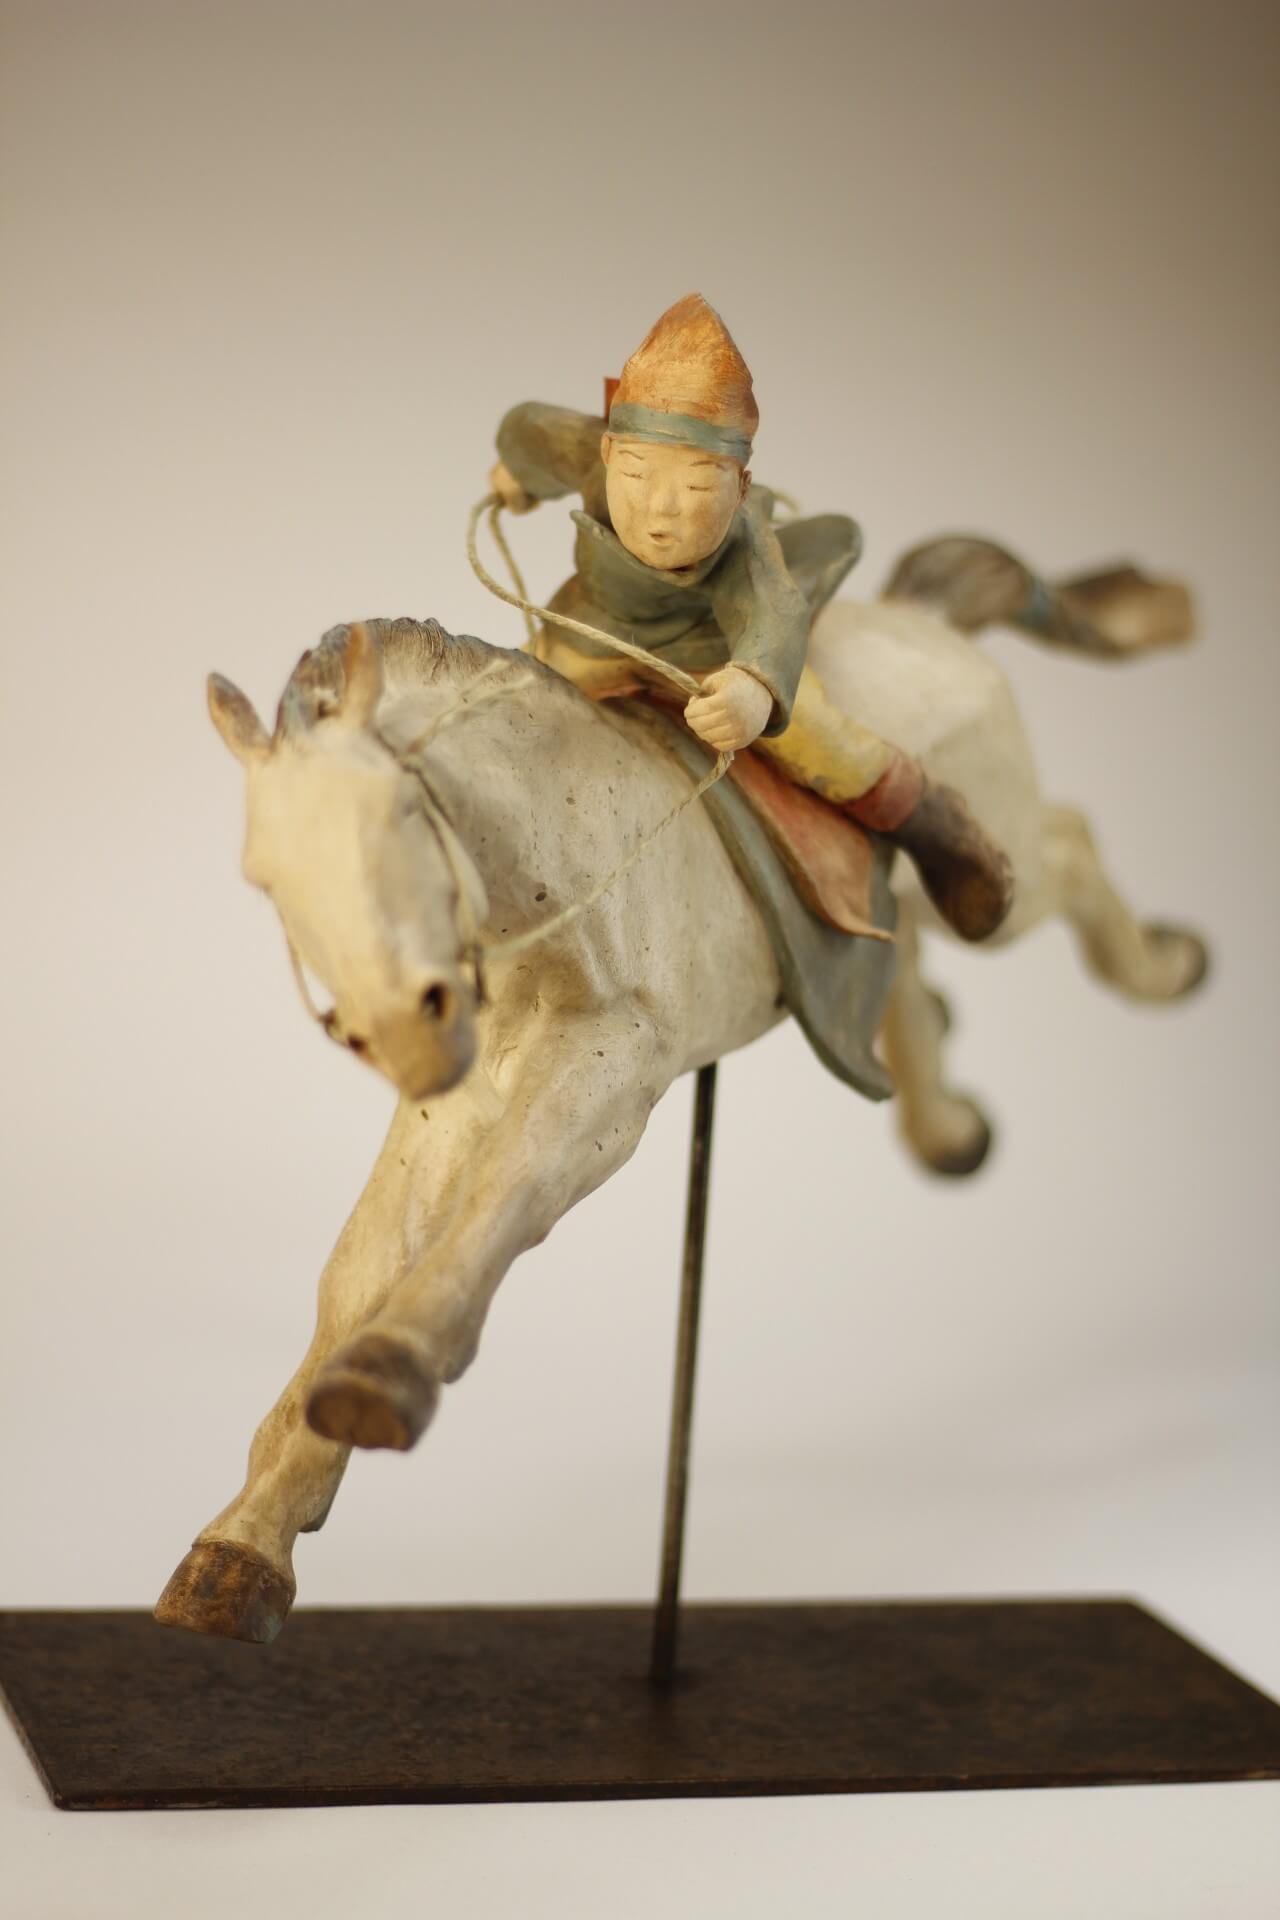 enfant-mongolie-galop-sculpture